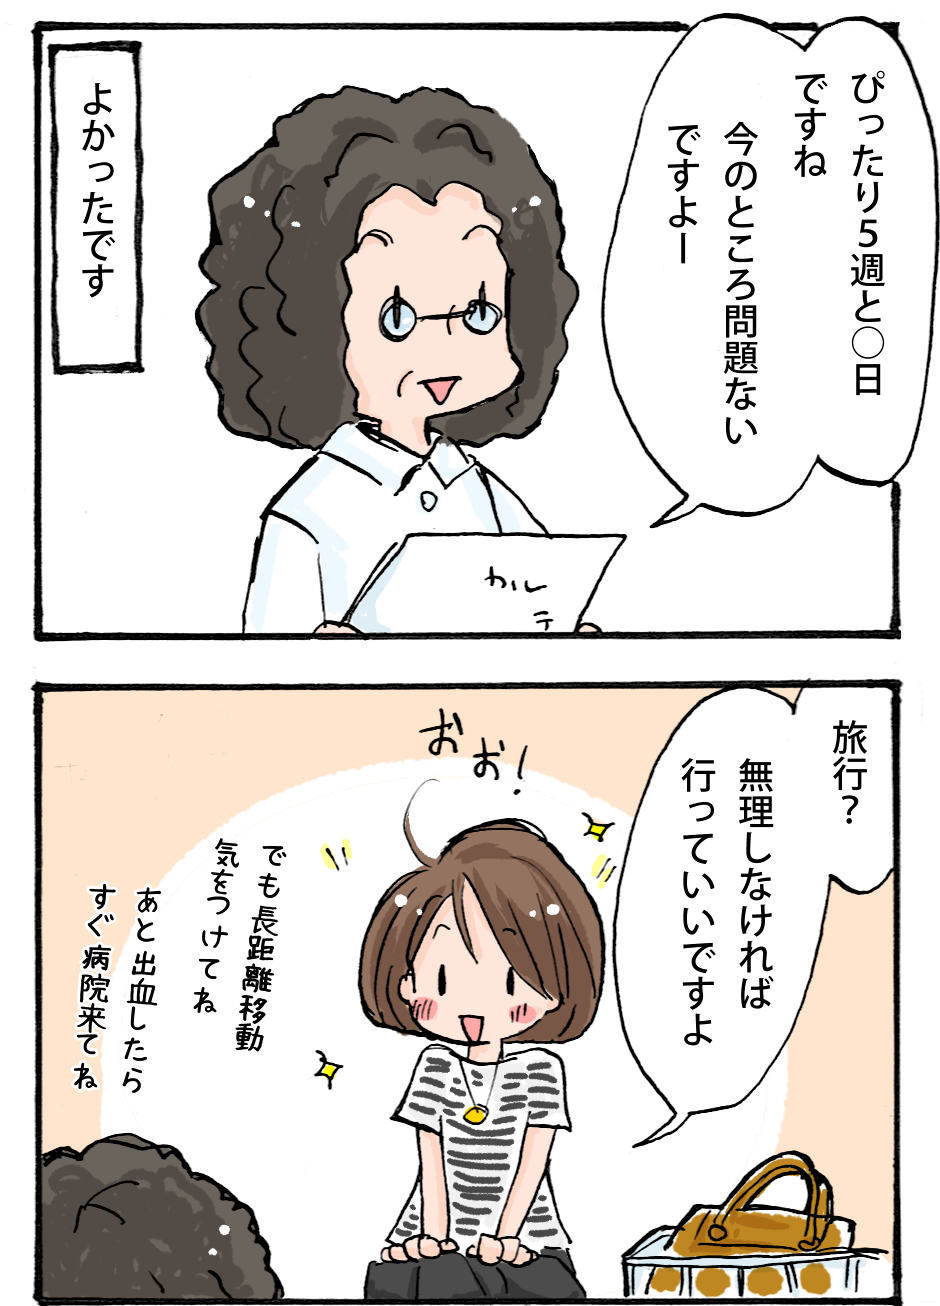 comic5b